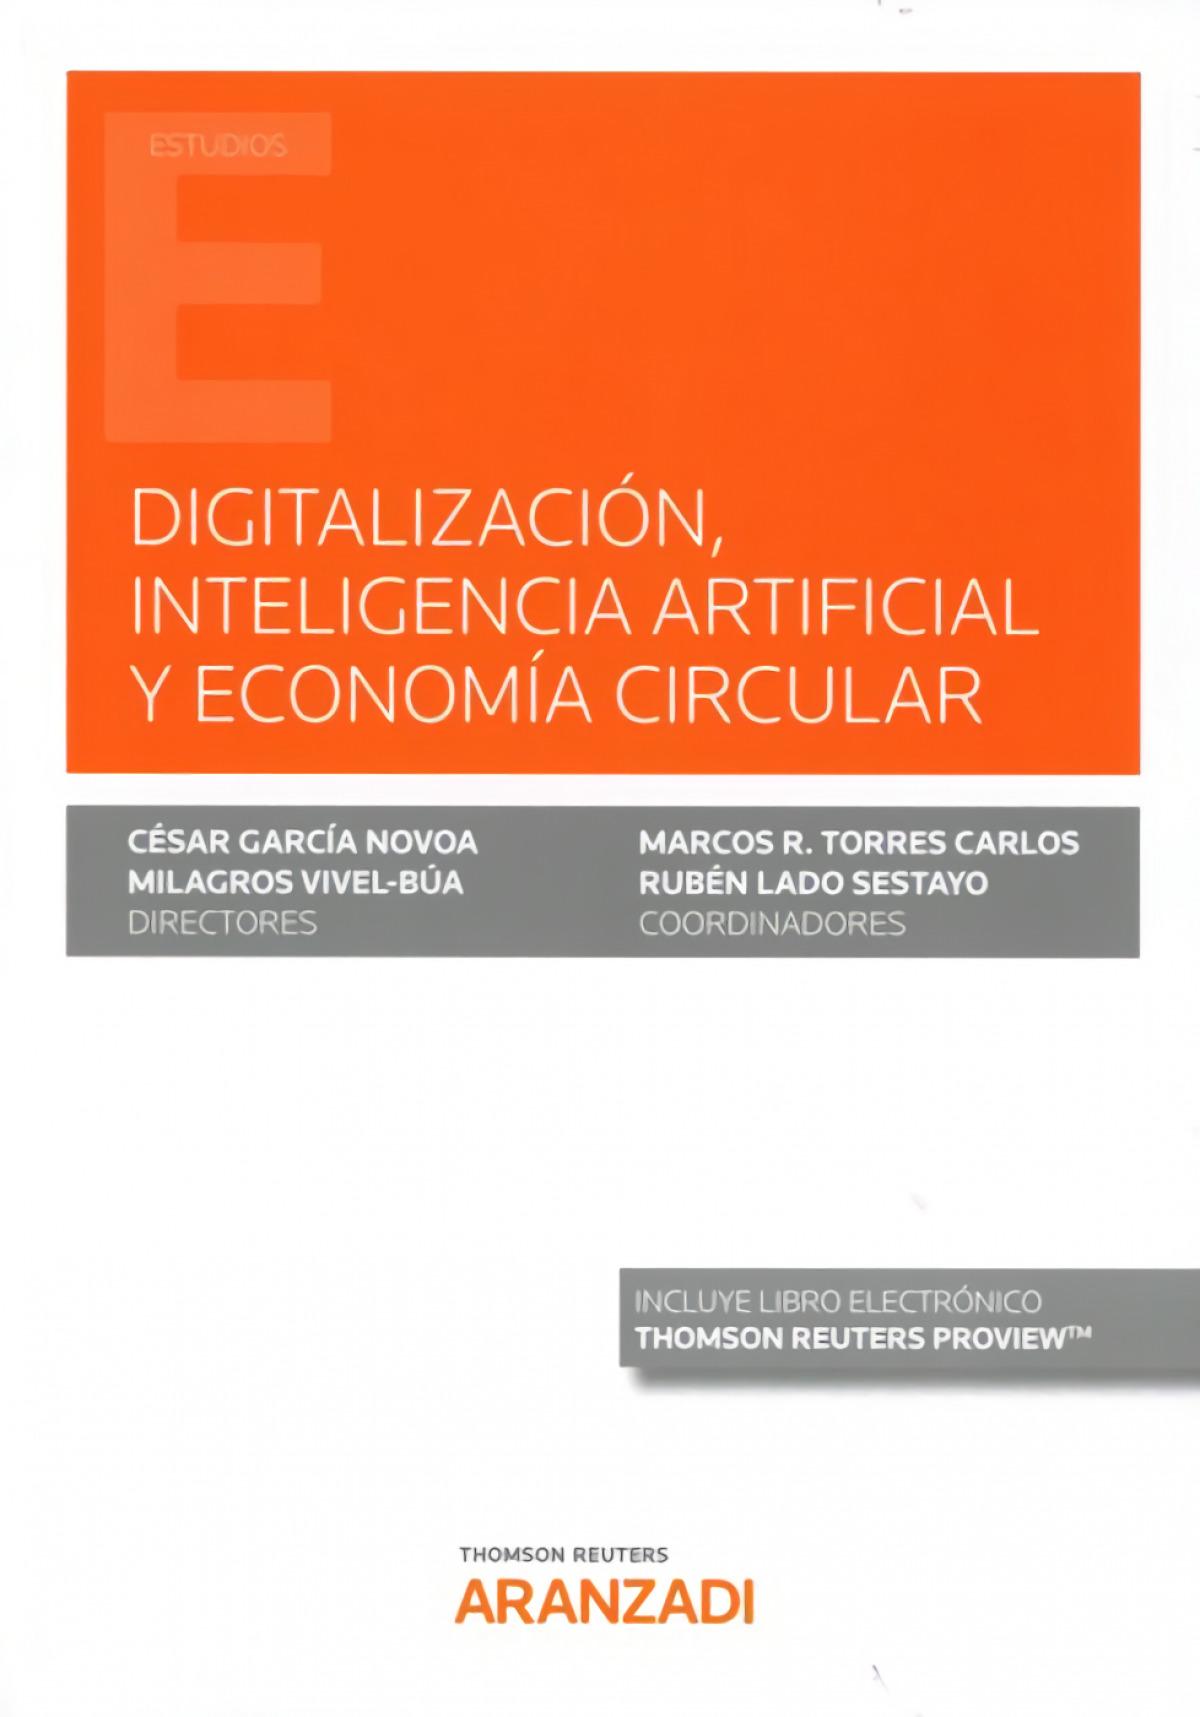 Digitalización, inteligencia artificial y economía circular